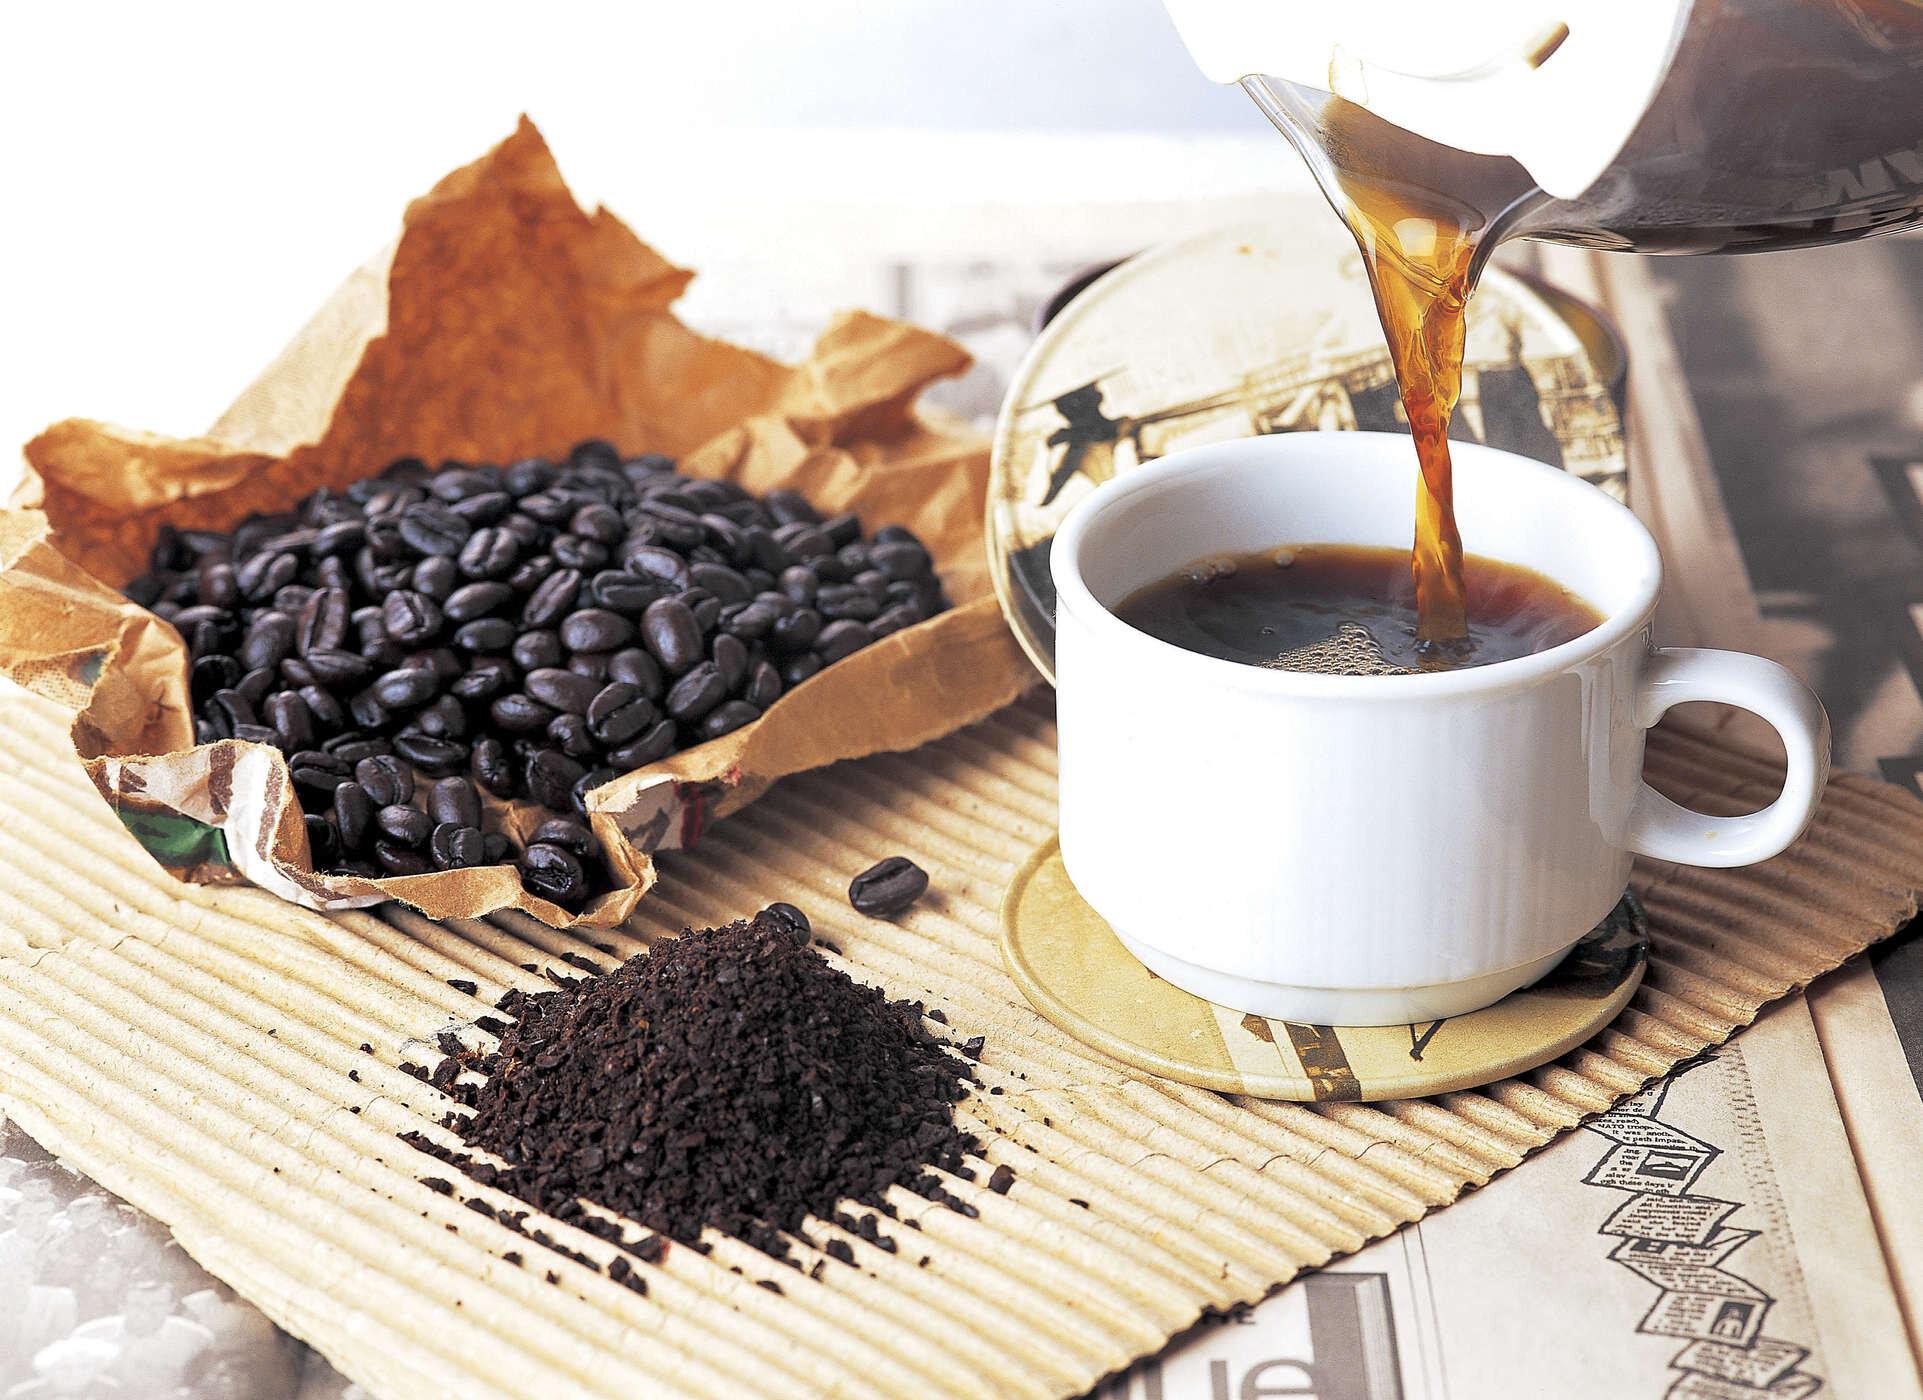 Cafe là loại thức uống có tác dụng hiệu quả tới não bộ